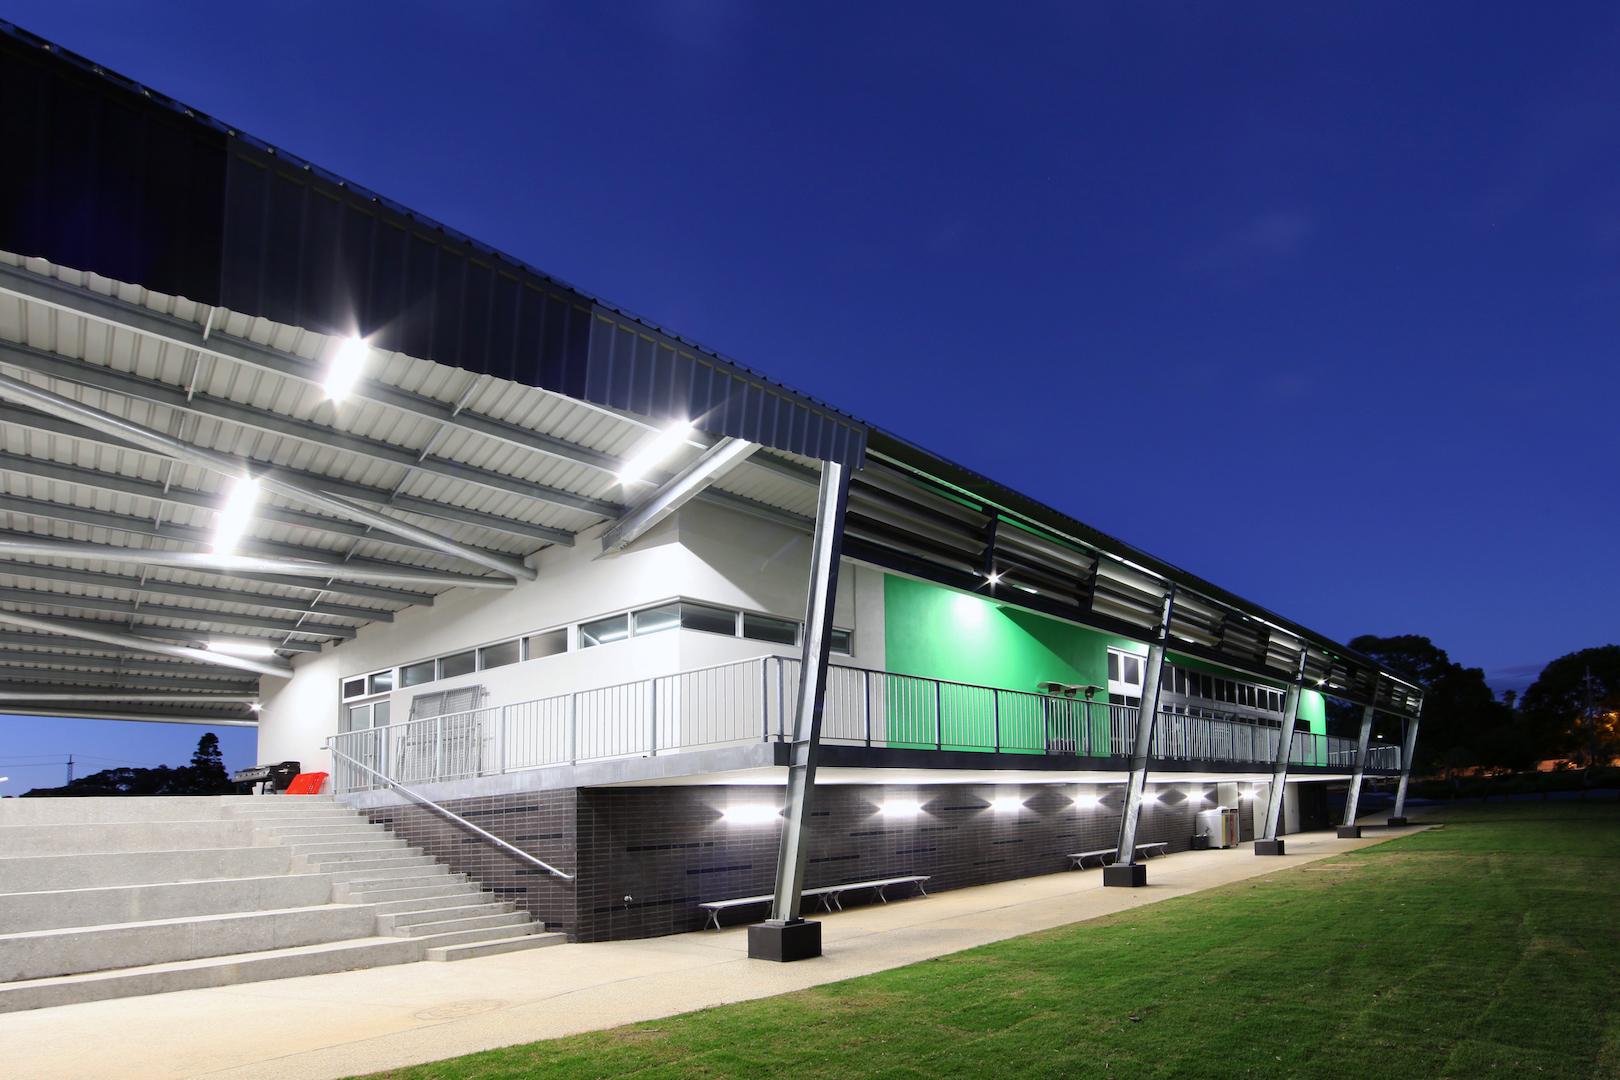 Wembley Sports Park Pavilion